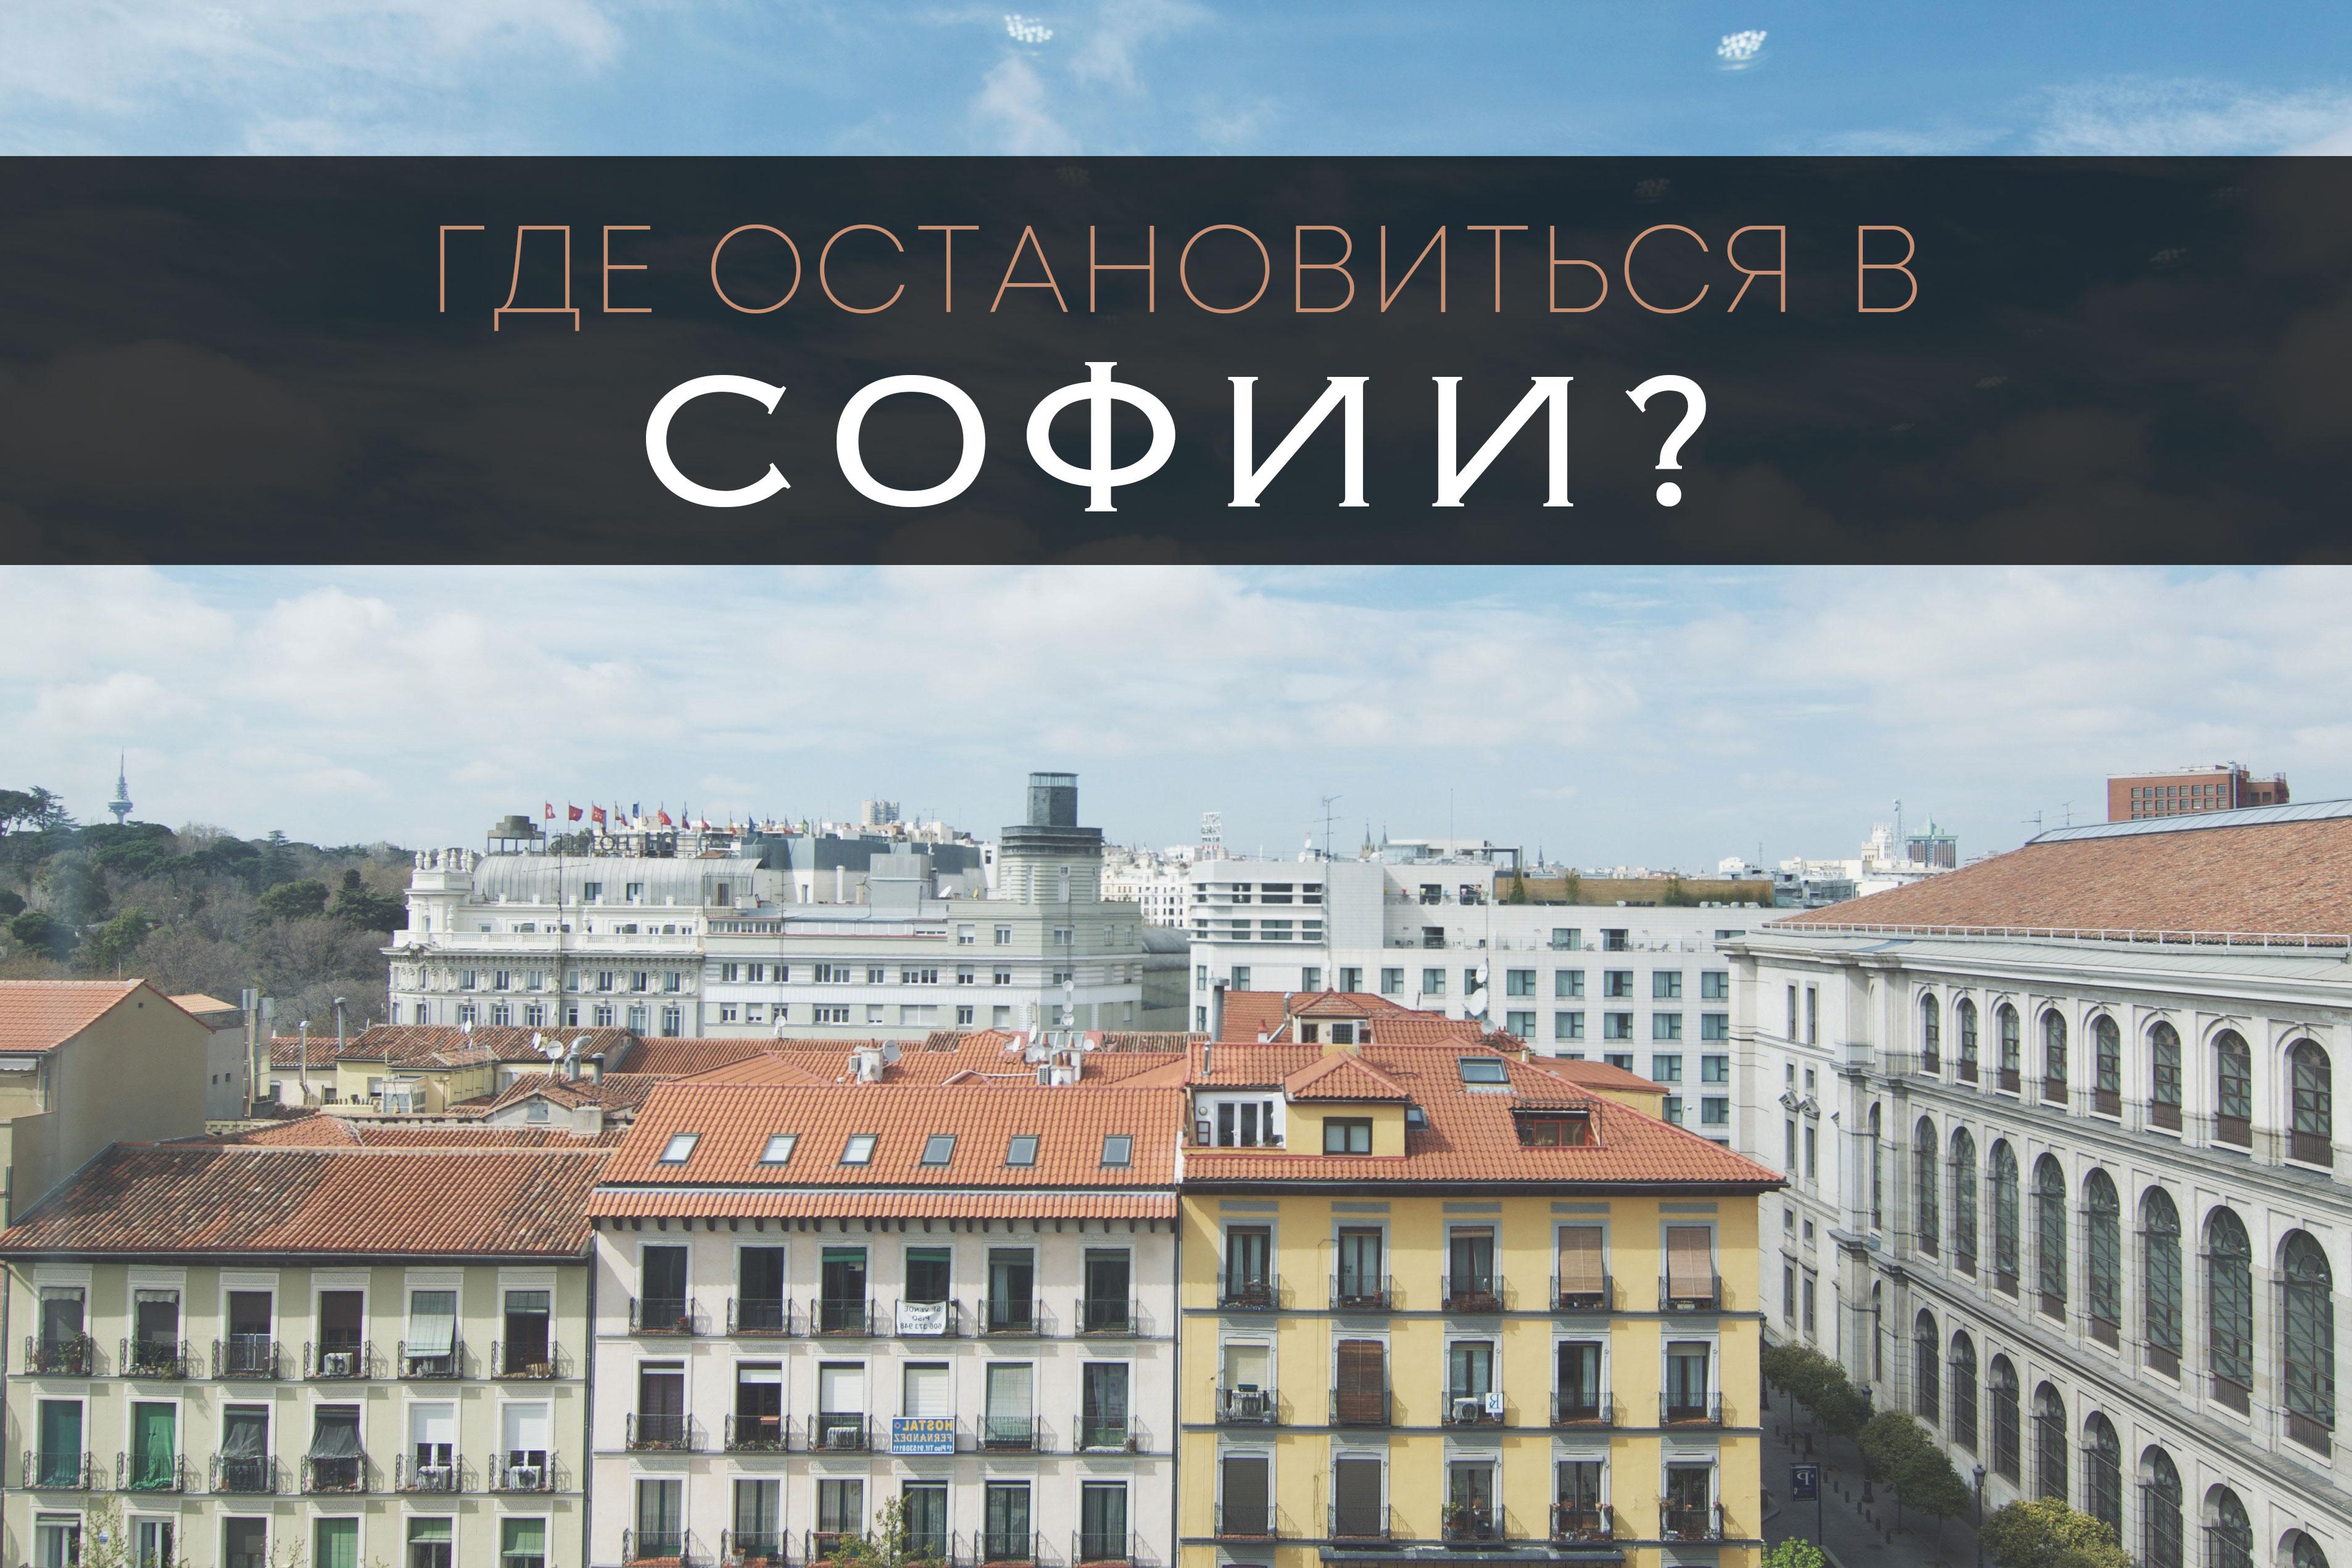 Самостоятельные путешествия: где остановиться в Софии, Болгария